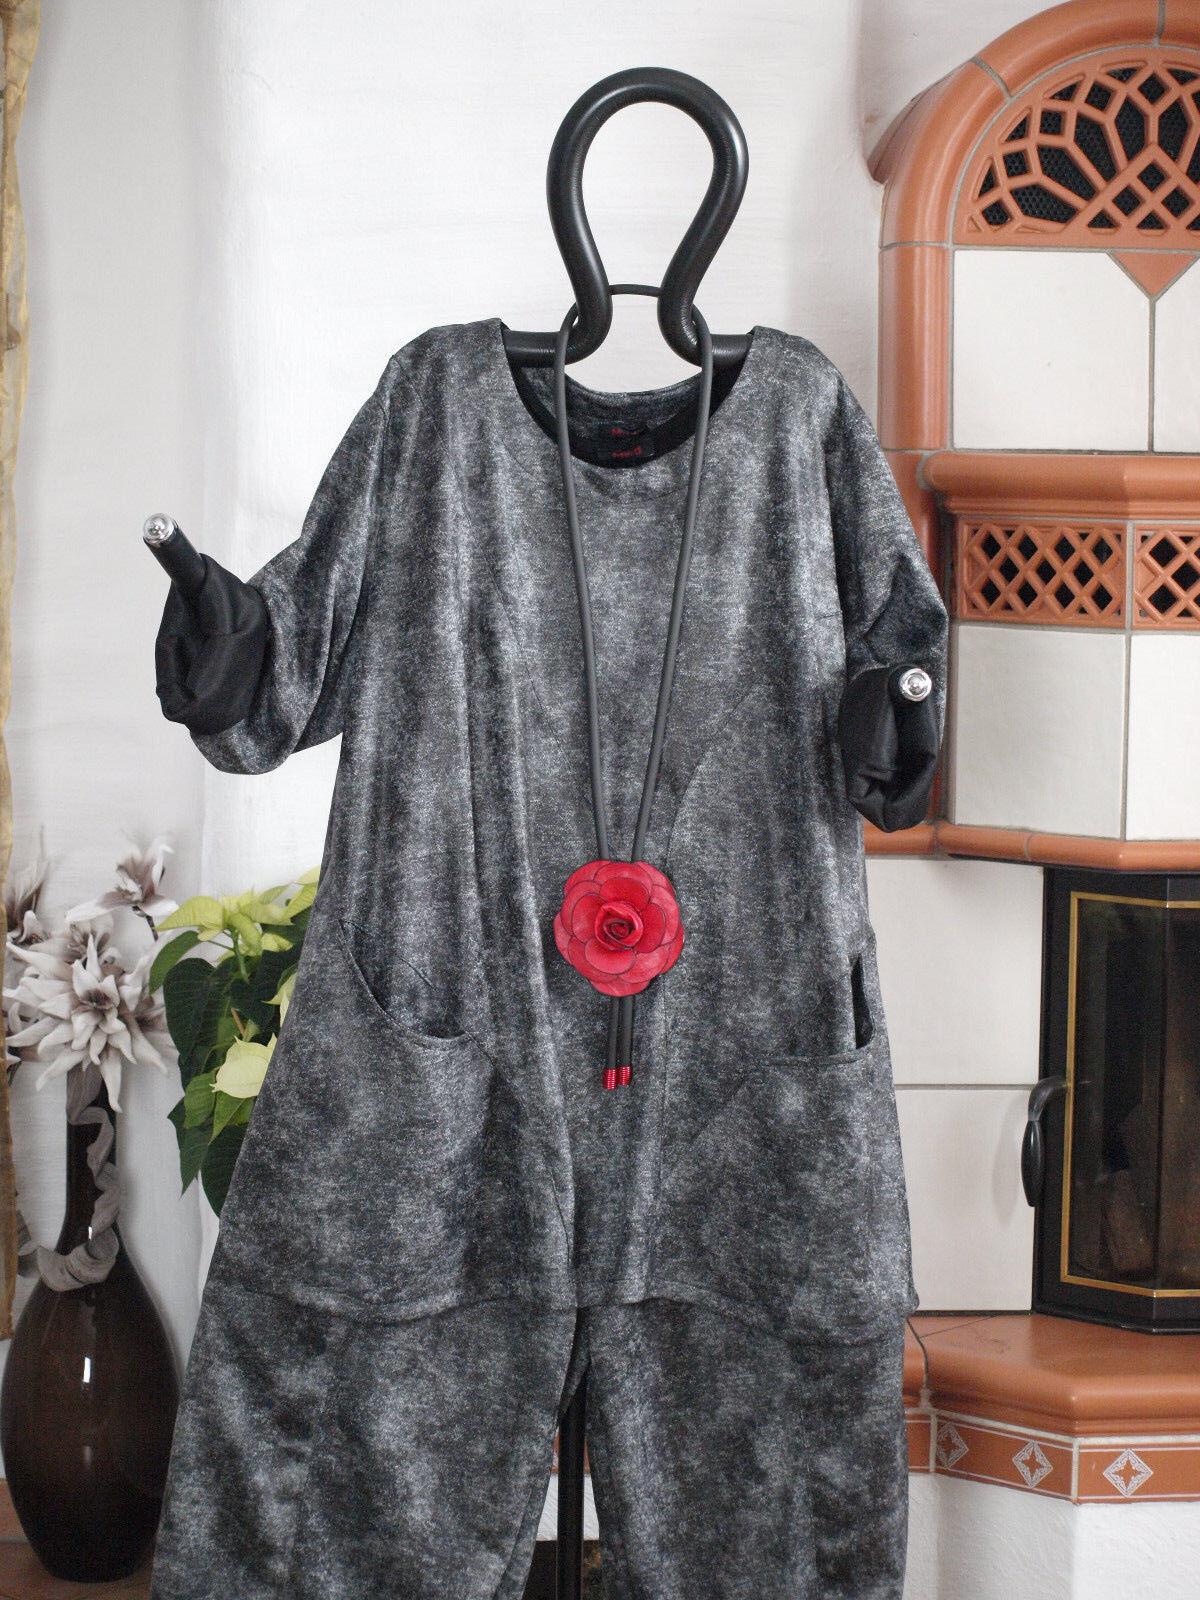 MEXXOO DESIGN Lagenlook Vintage Hemd Rundhals A-Form grau L 44 46 (8348)